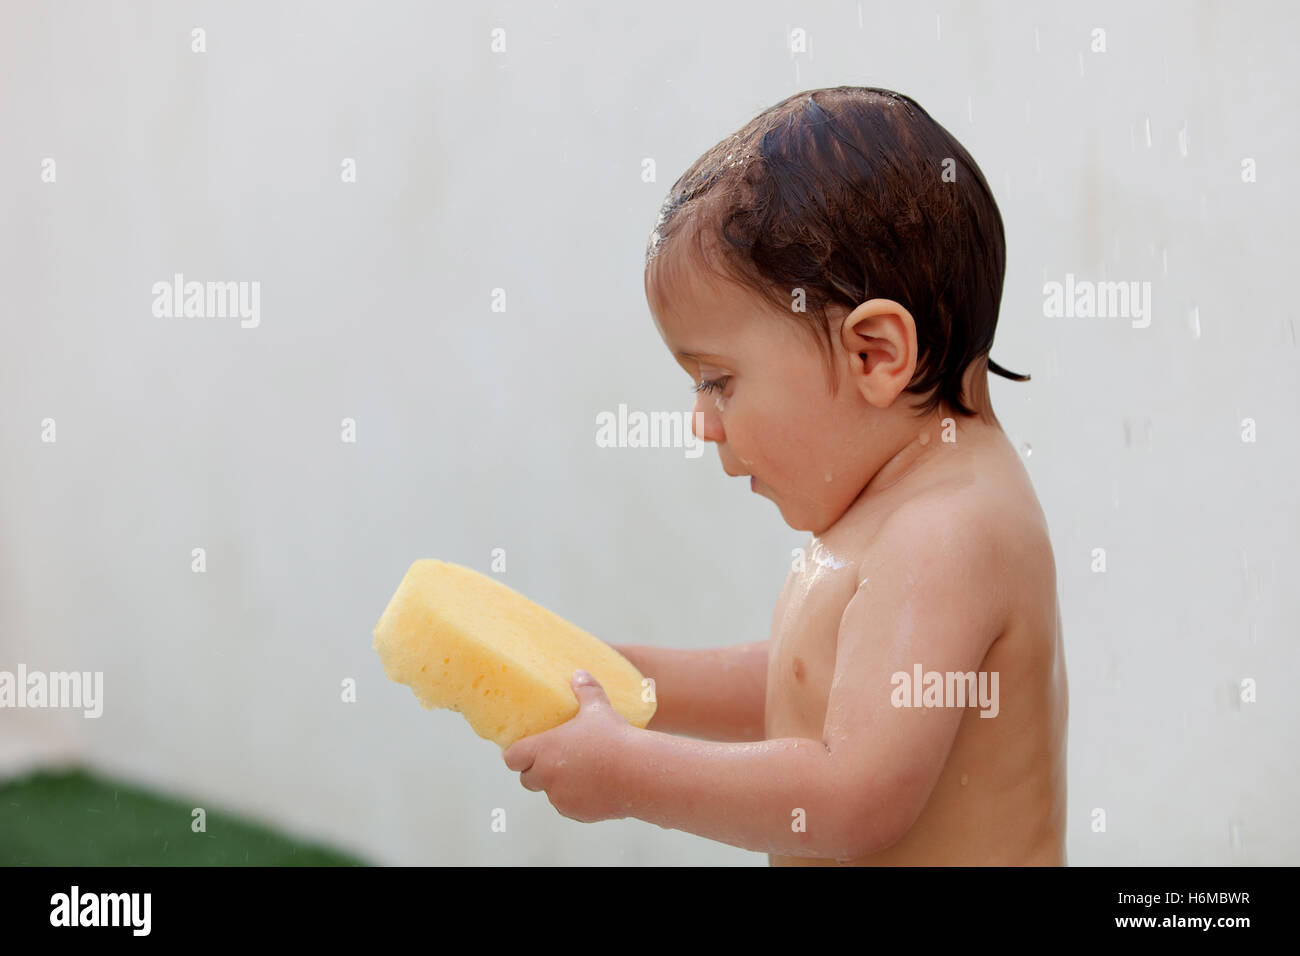 lustige kinder duschen im hof f r einen sommernachmittag stockfoto bild 124608899 alamy. Black Bedroom Furniture Sets. Home Design Ideas